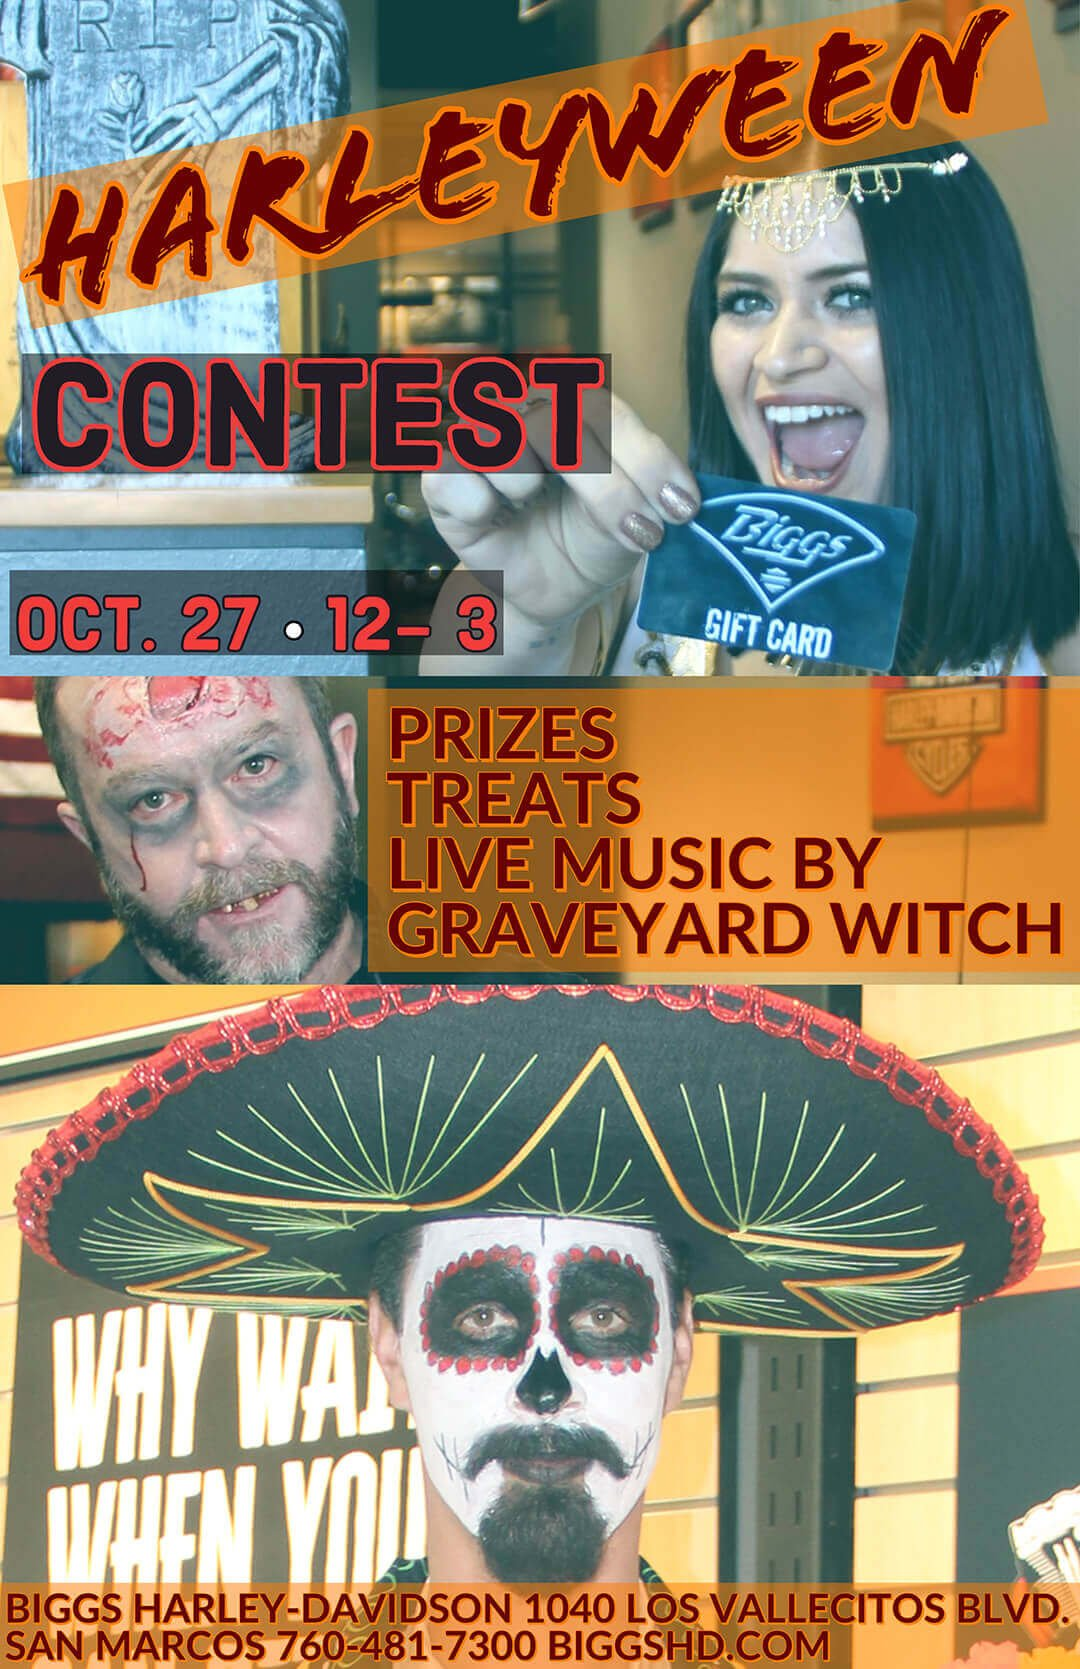 Harleyween Contest